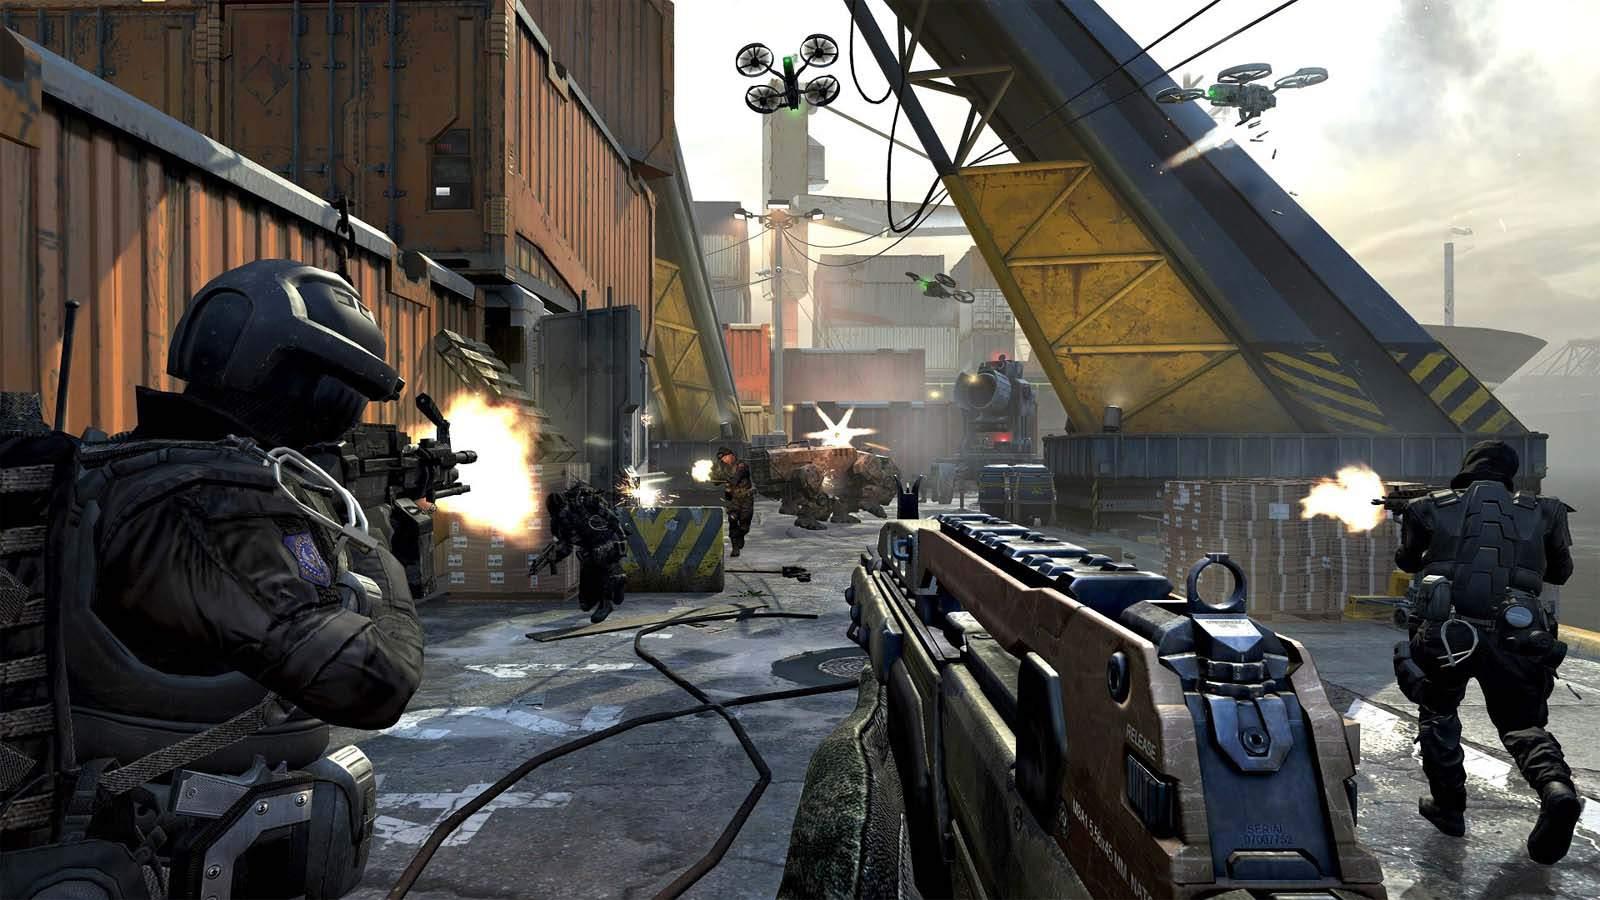 تحميل لعبة Call Of Duty Black Ops 3 مضغوطة كاملة بروابط مباشرة مجانا